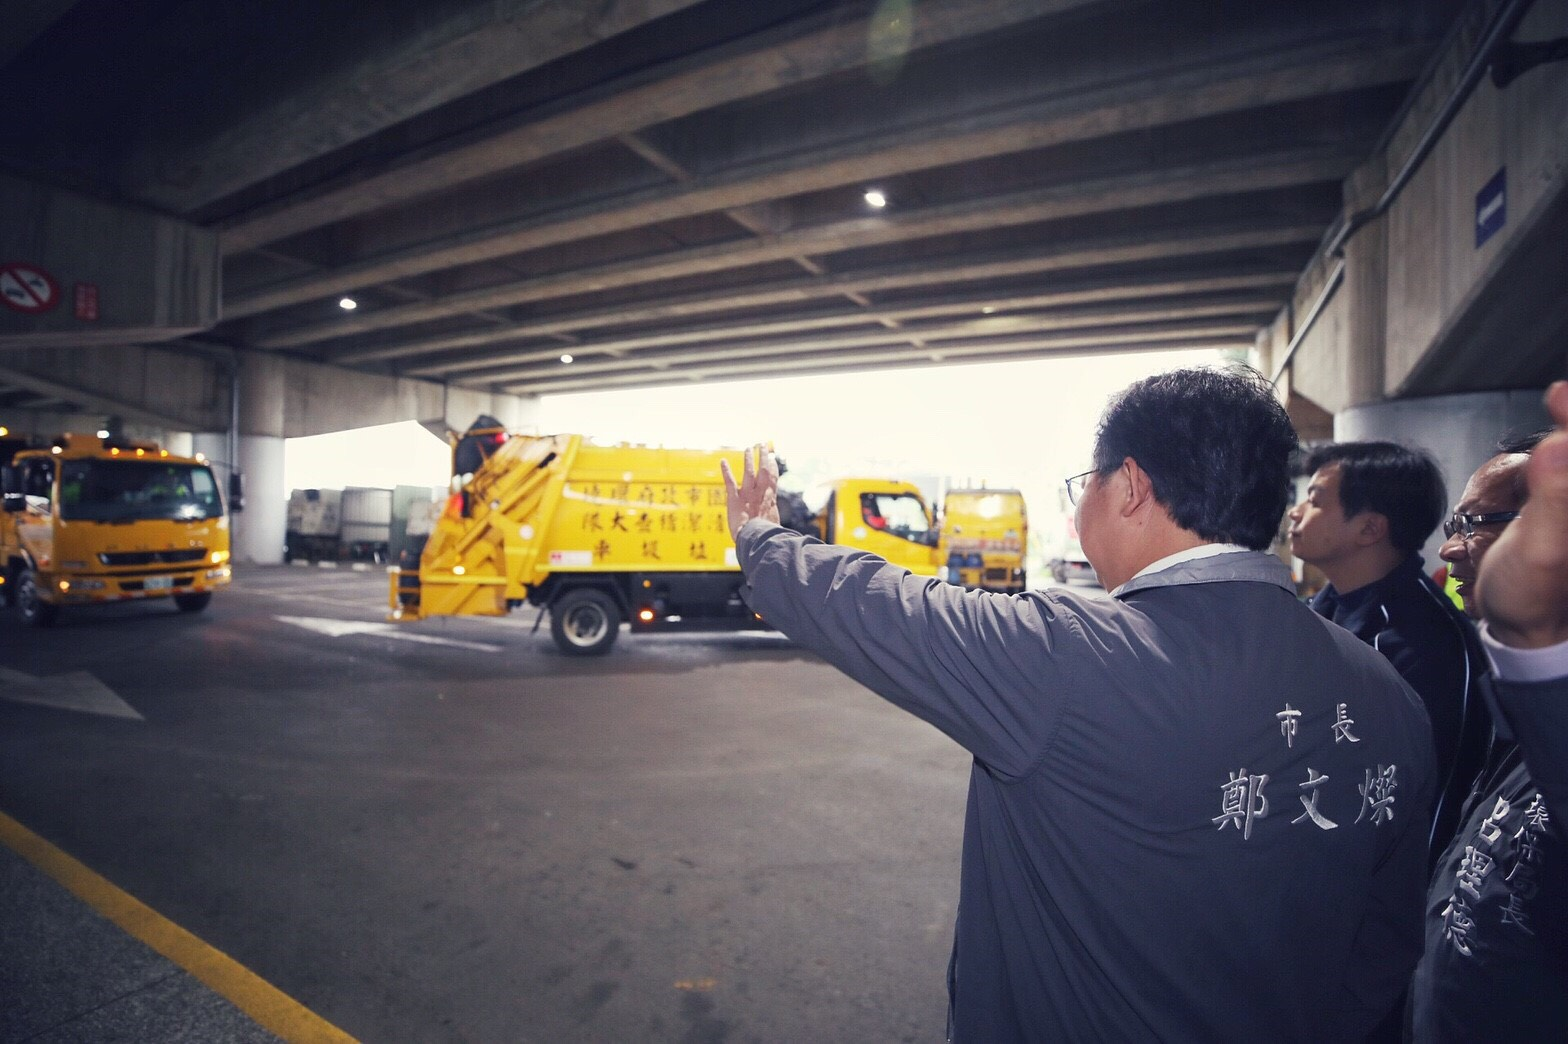 鄭市長表示,感謝清潔隊員維護市容環境,即日起展開垃圾清運作業